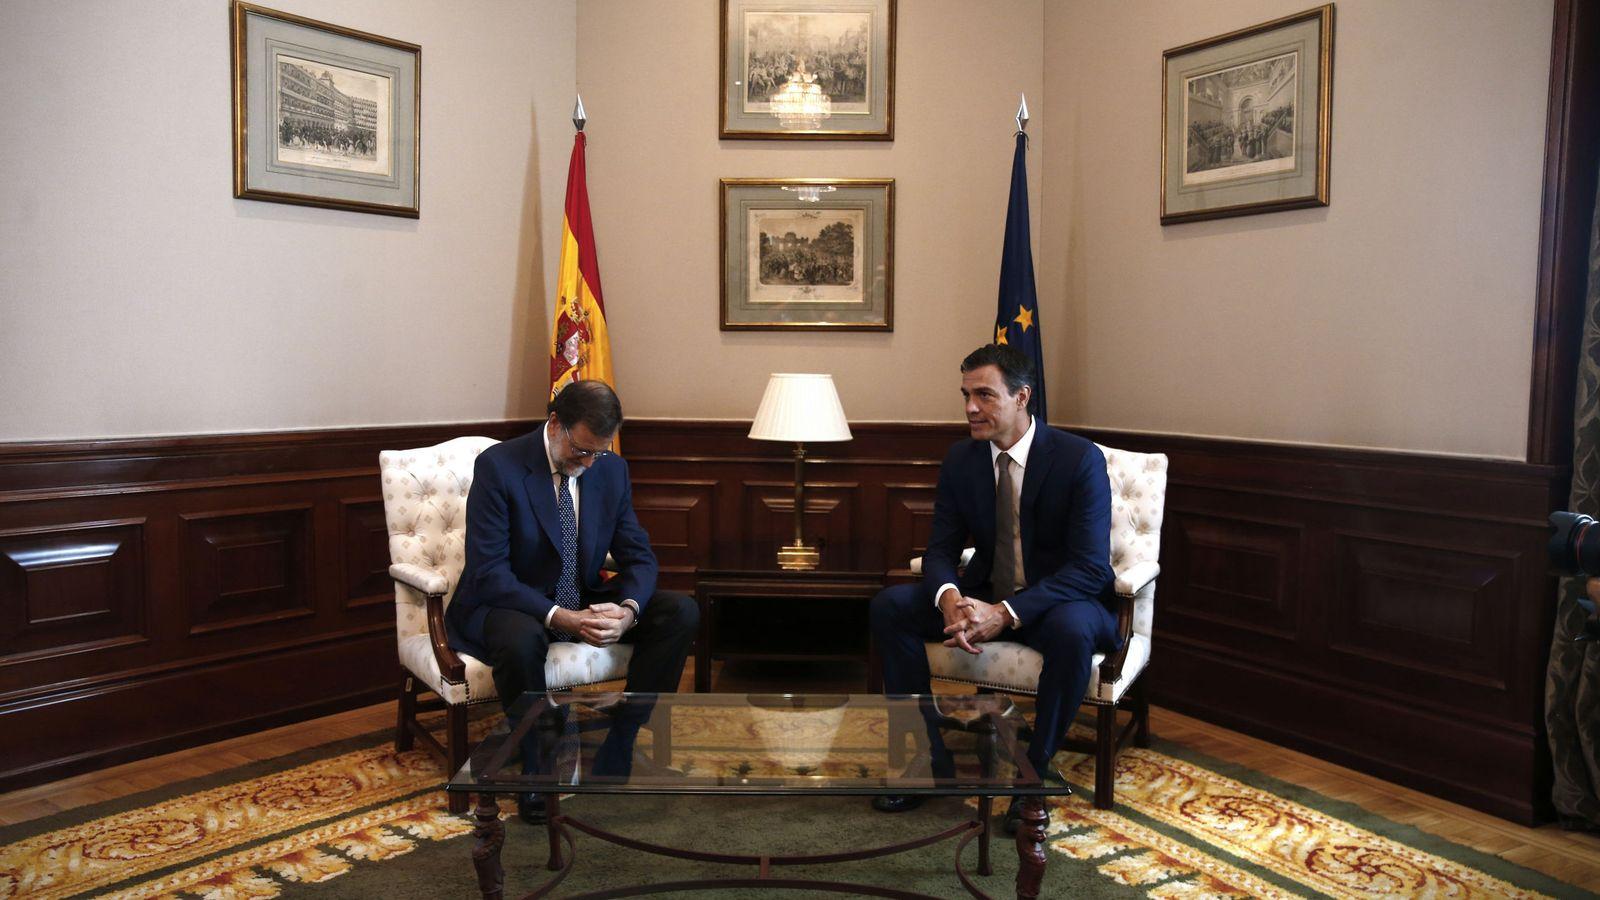 Foto: Mariano Rajoy y Pedro Sánchez, el 29 de agosto de 2016, en la última reunión que ambos mantuvieron antes de la investidura del jefe del PP. (EFE)